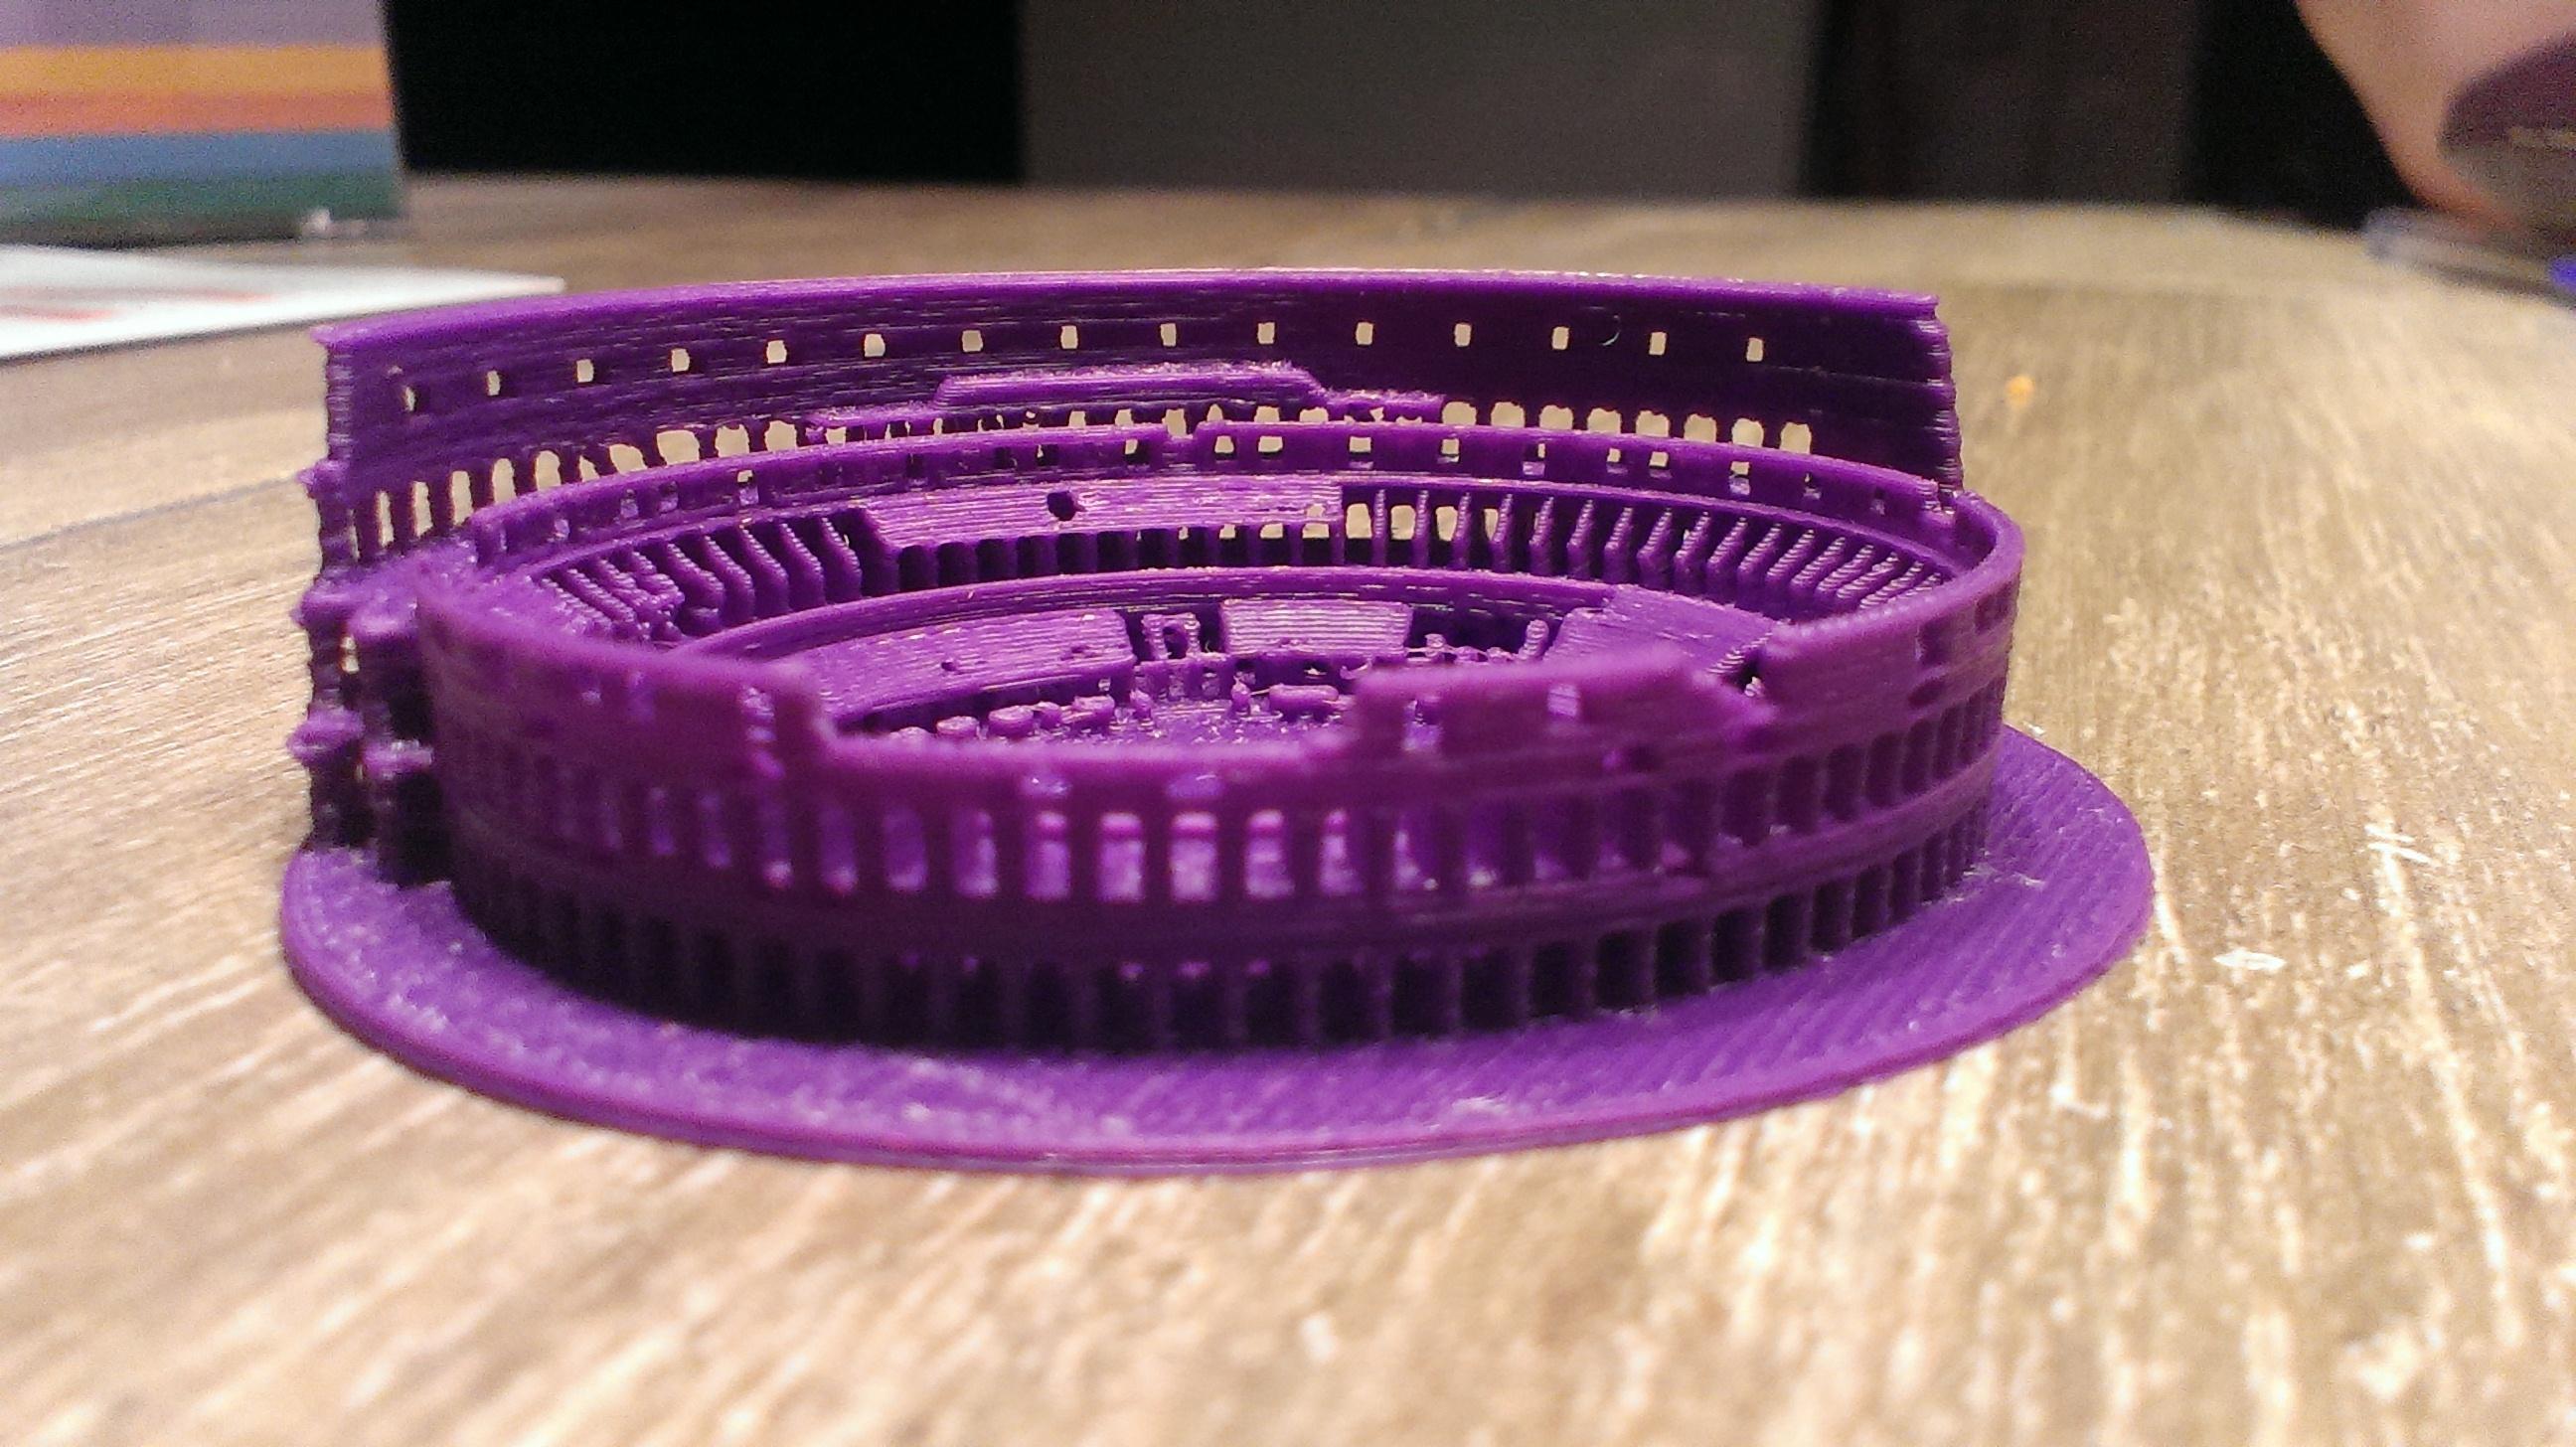 OpenSource 3D Printing - Deel 2 - Elektronica - GoT